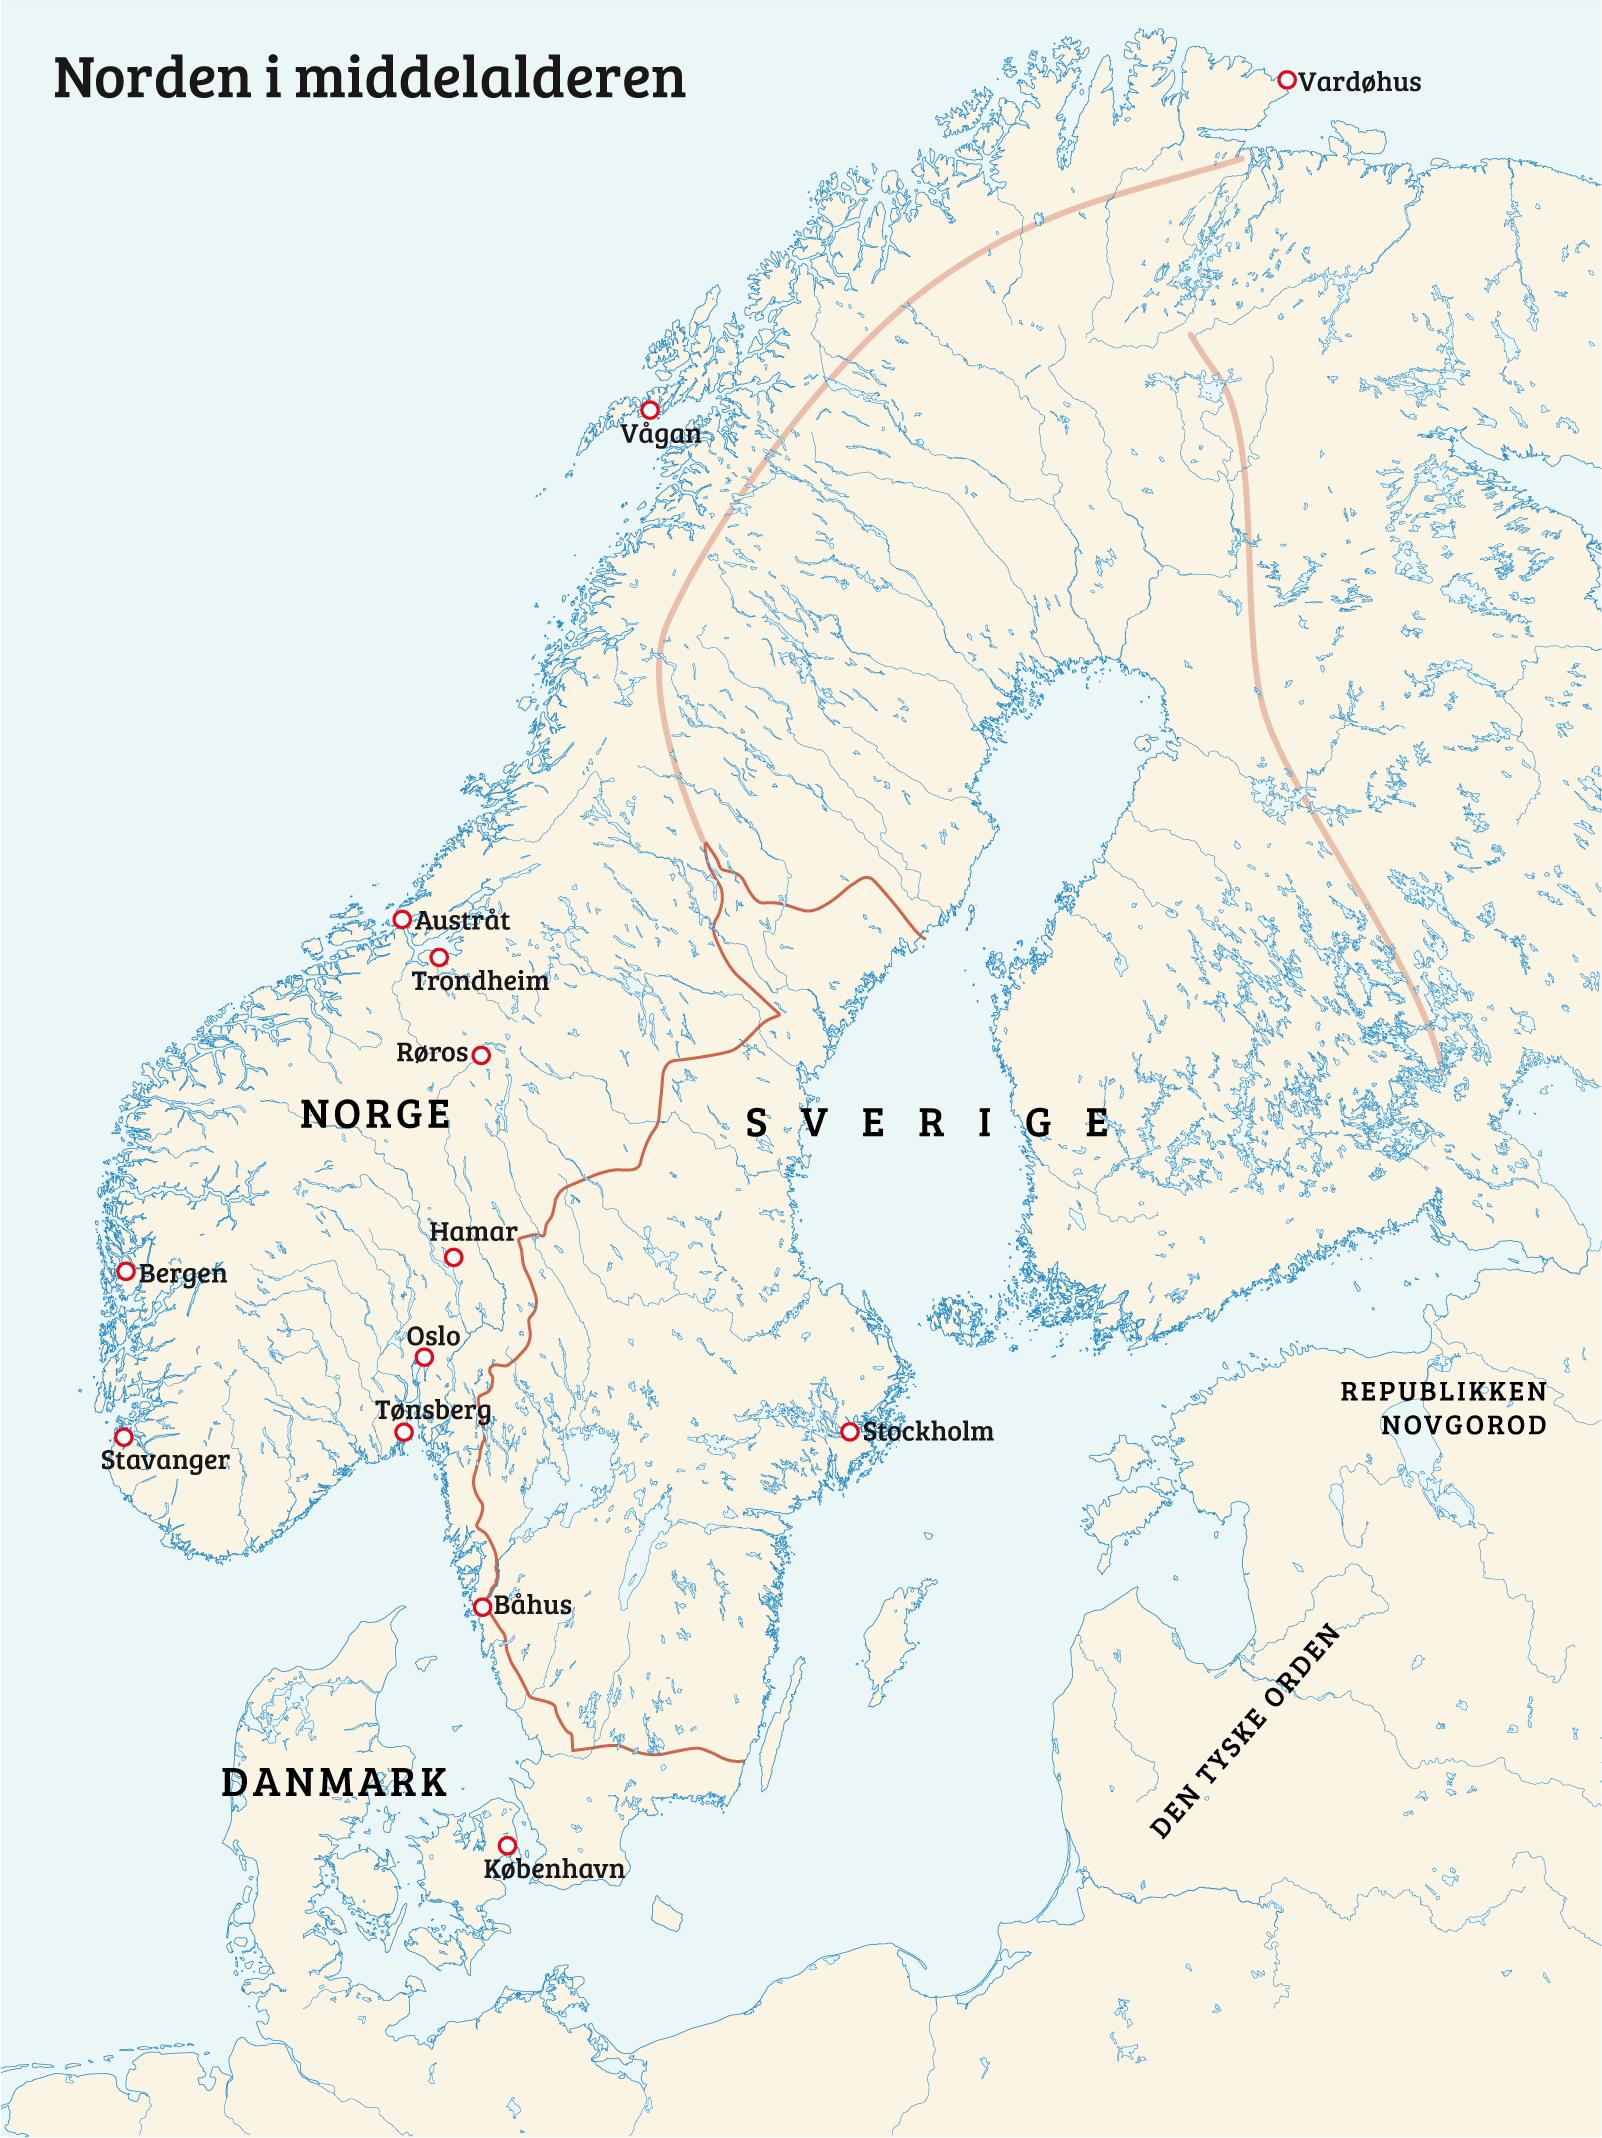 kart over sverige og danmark Kalmarunionen   Norgeshistorie kart over sverige og danmark